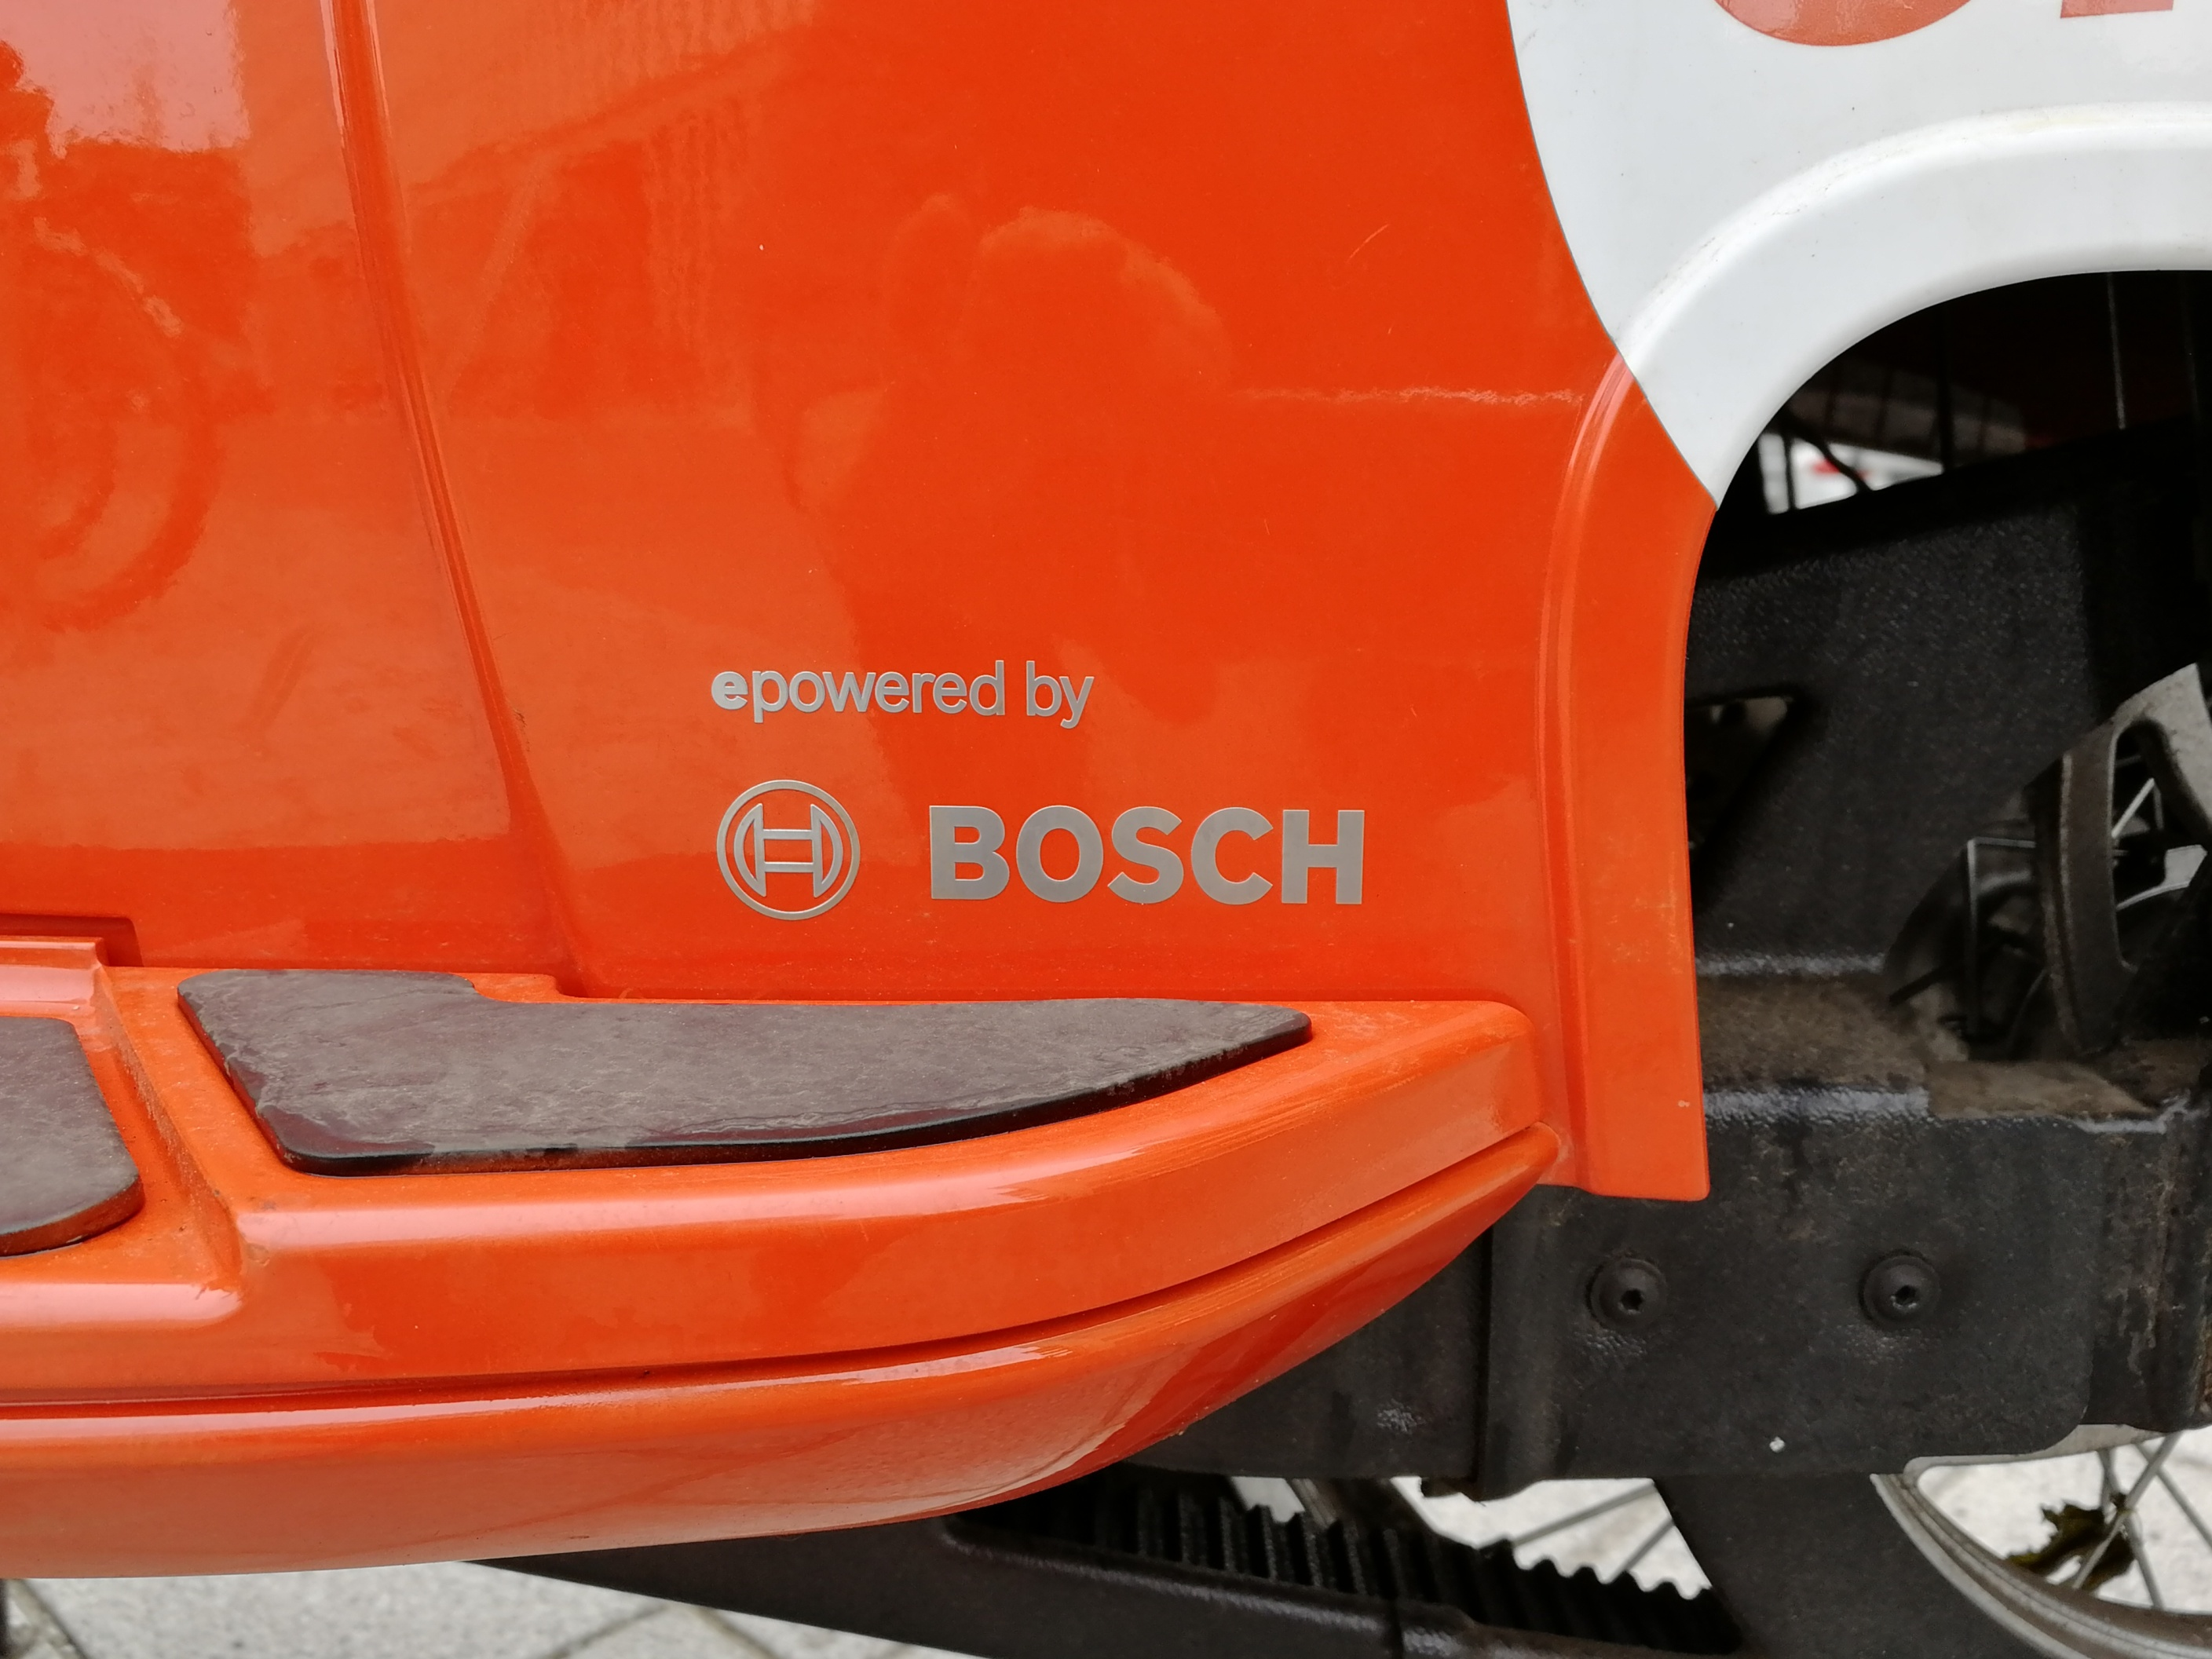 Elektroroller-Verleih Coup: Zum Laden in den Keller gehen - Der Antrieb stammt von der Coup-Mutterfirma Bosch. (Bild: Friedhelm Greis/Golem.de)